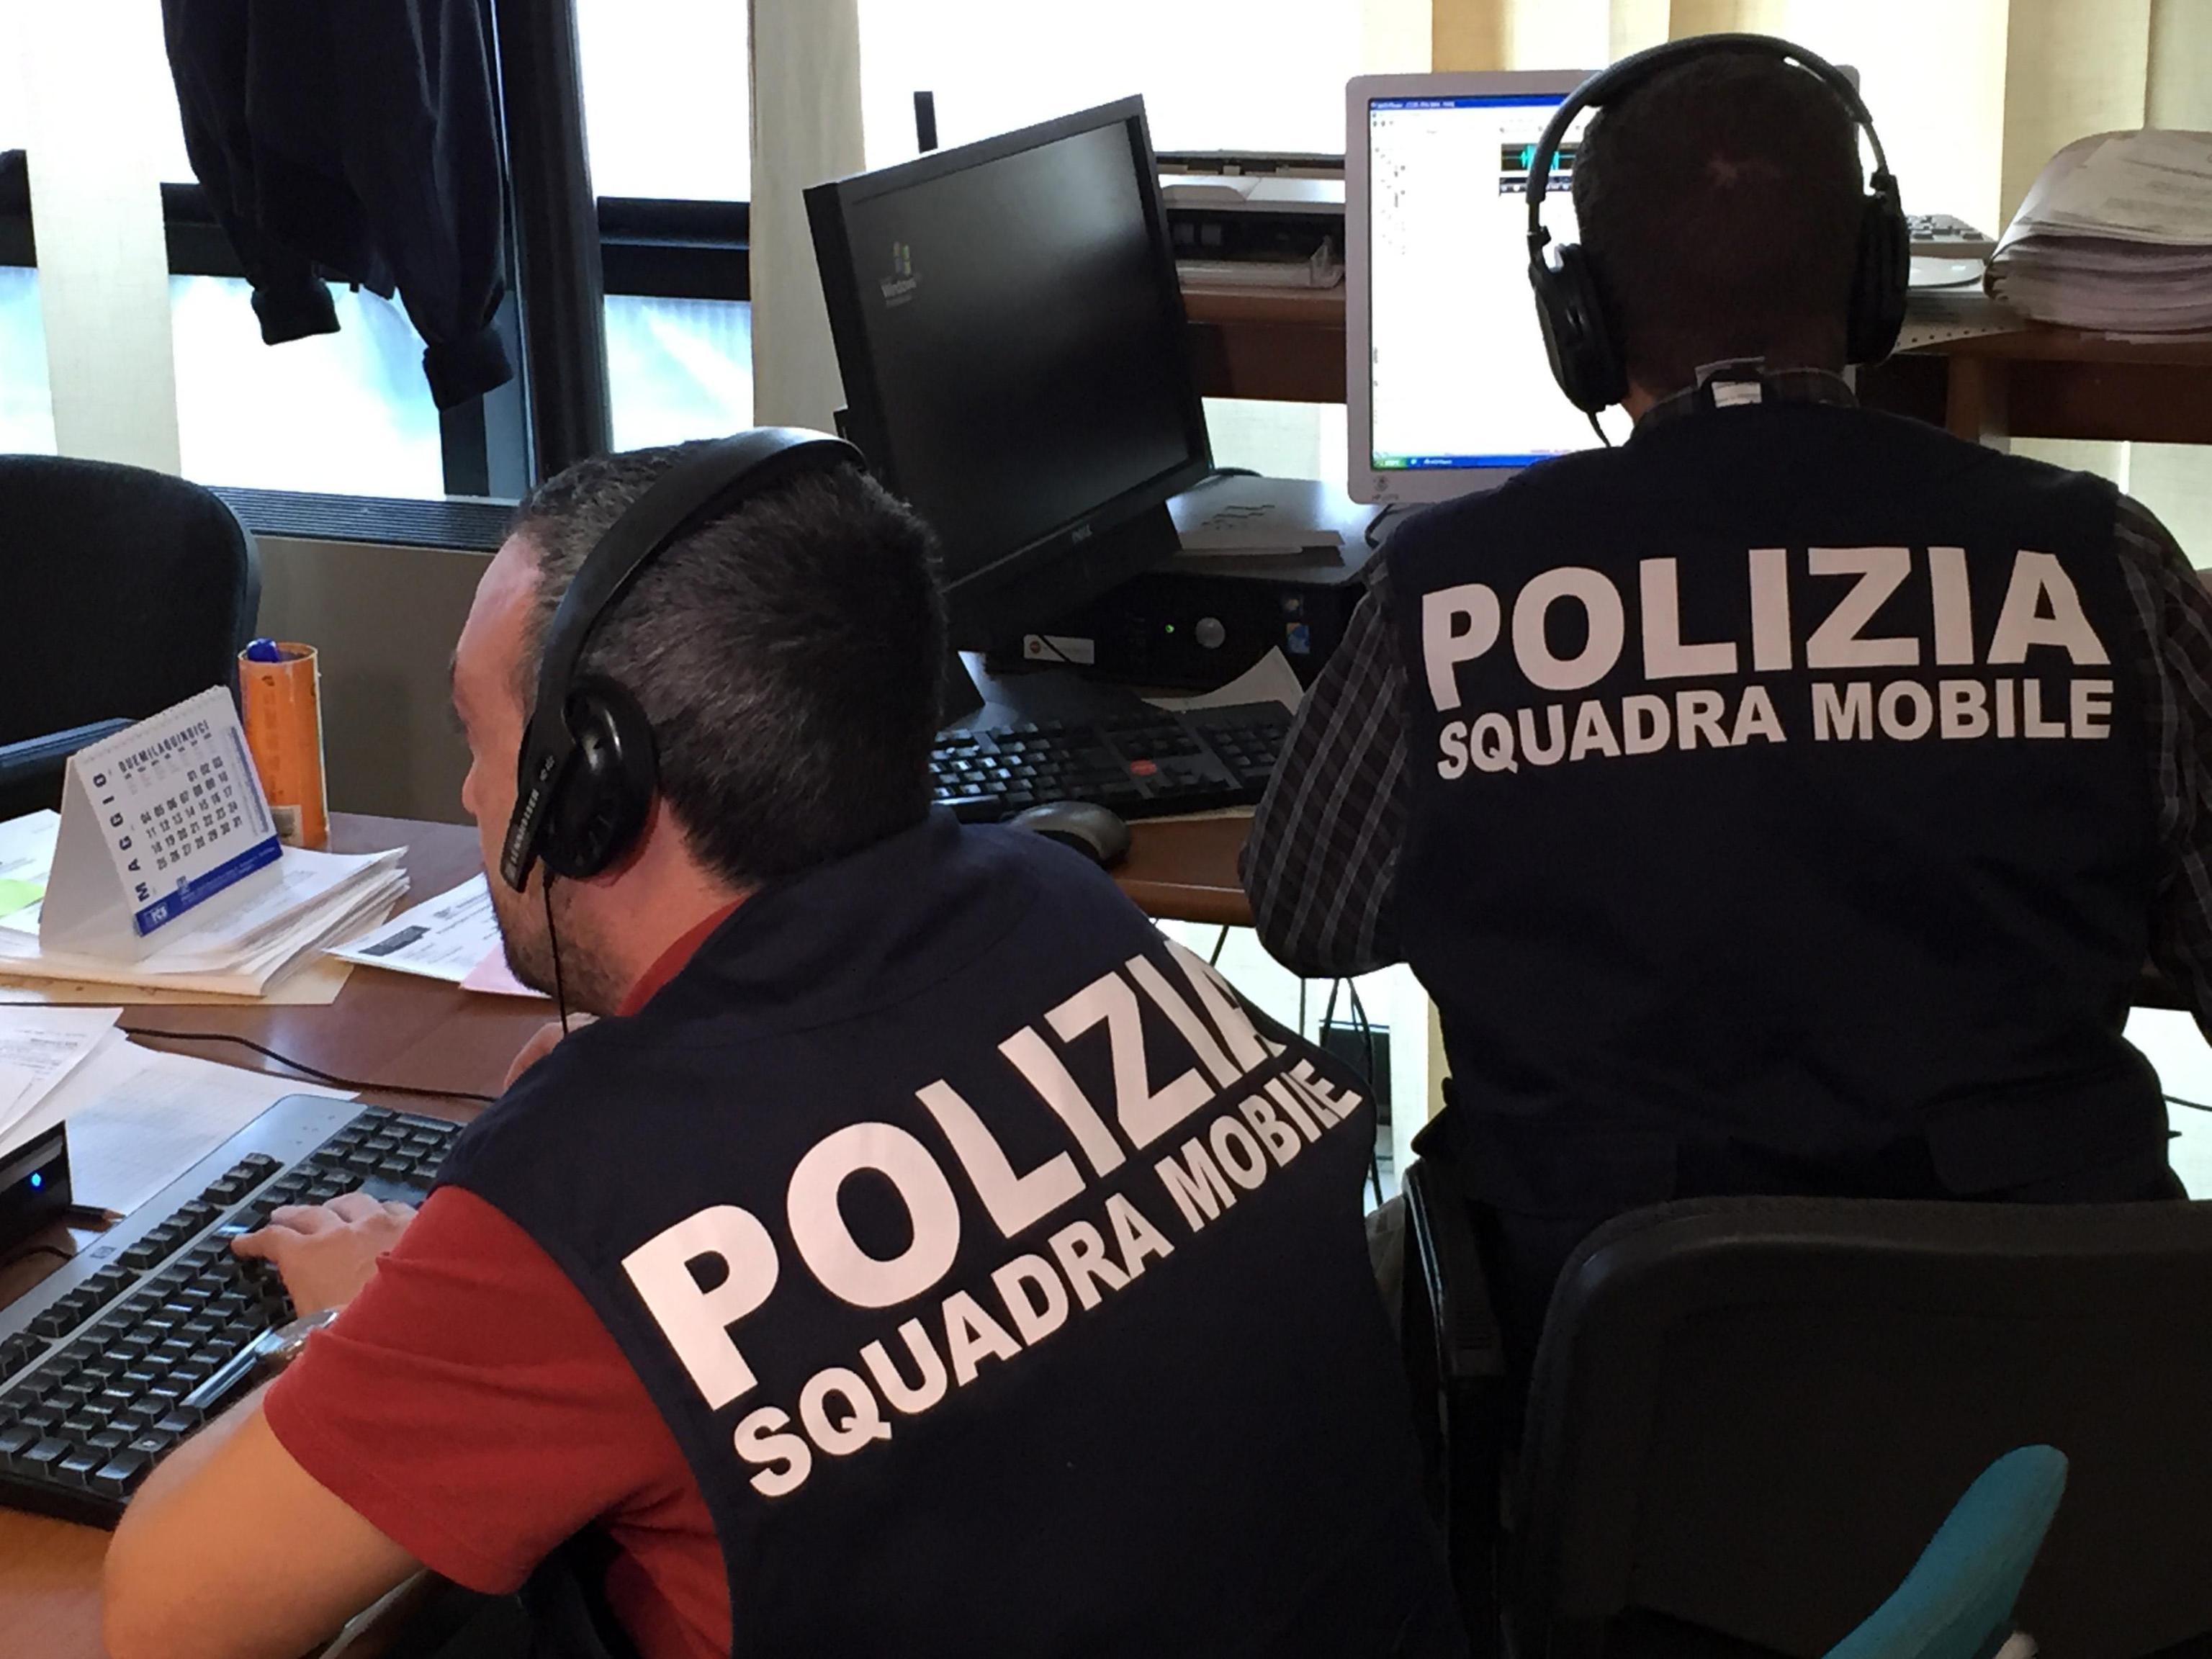 Malata di Sla maltrattata, lancia Sos sul web: 9 arresti